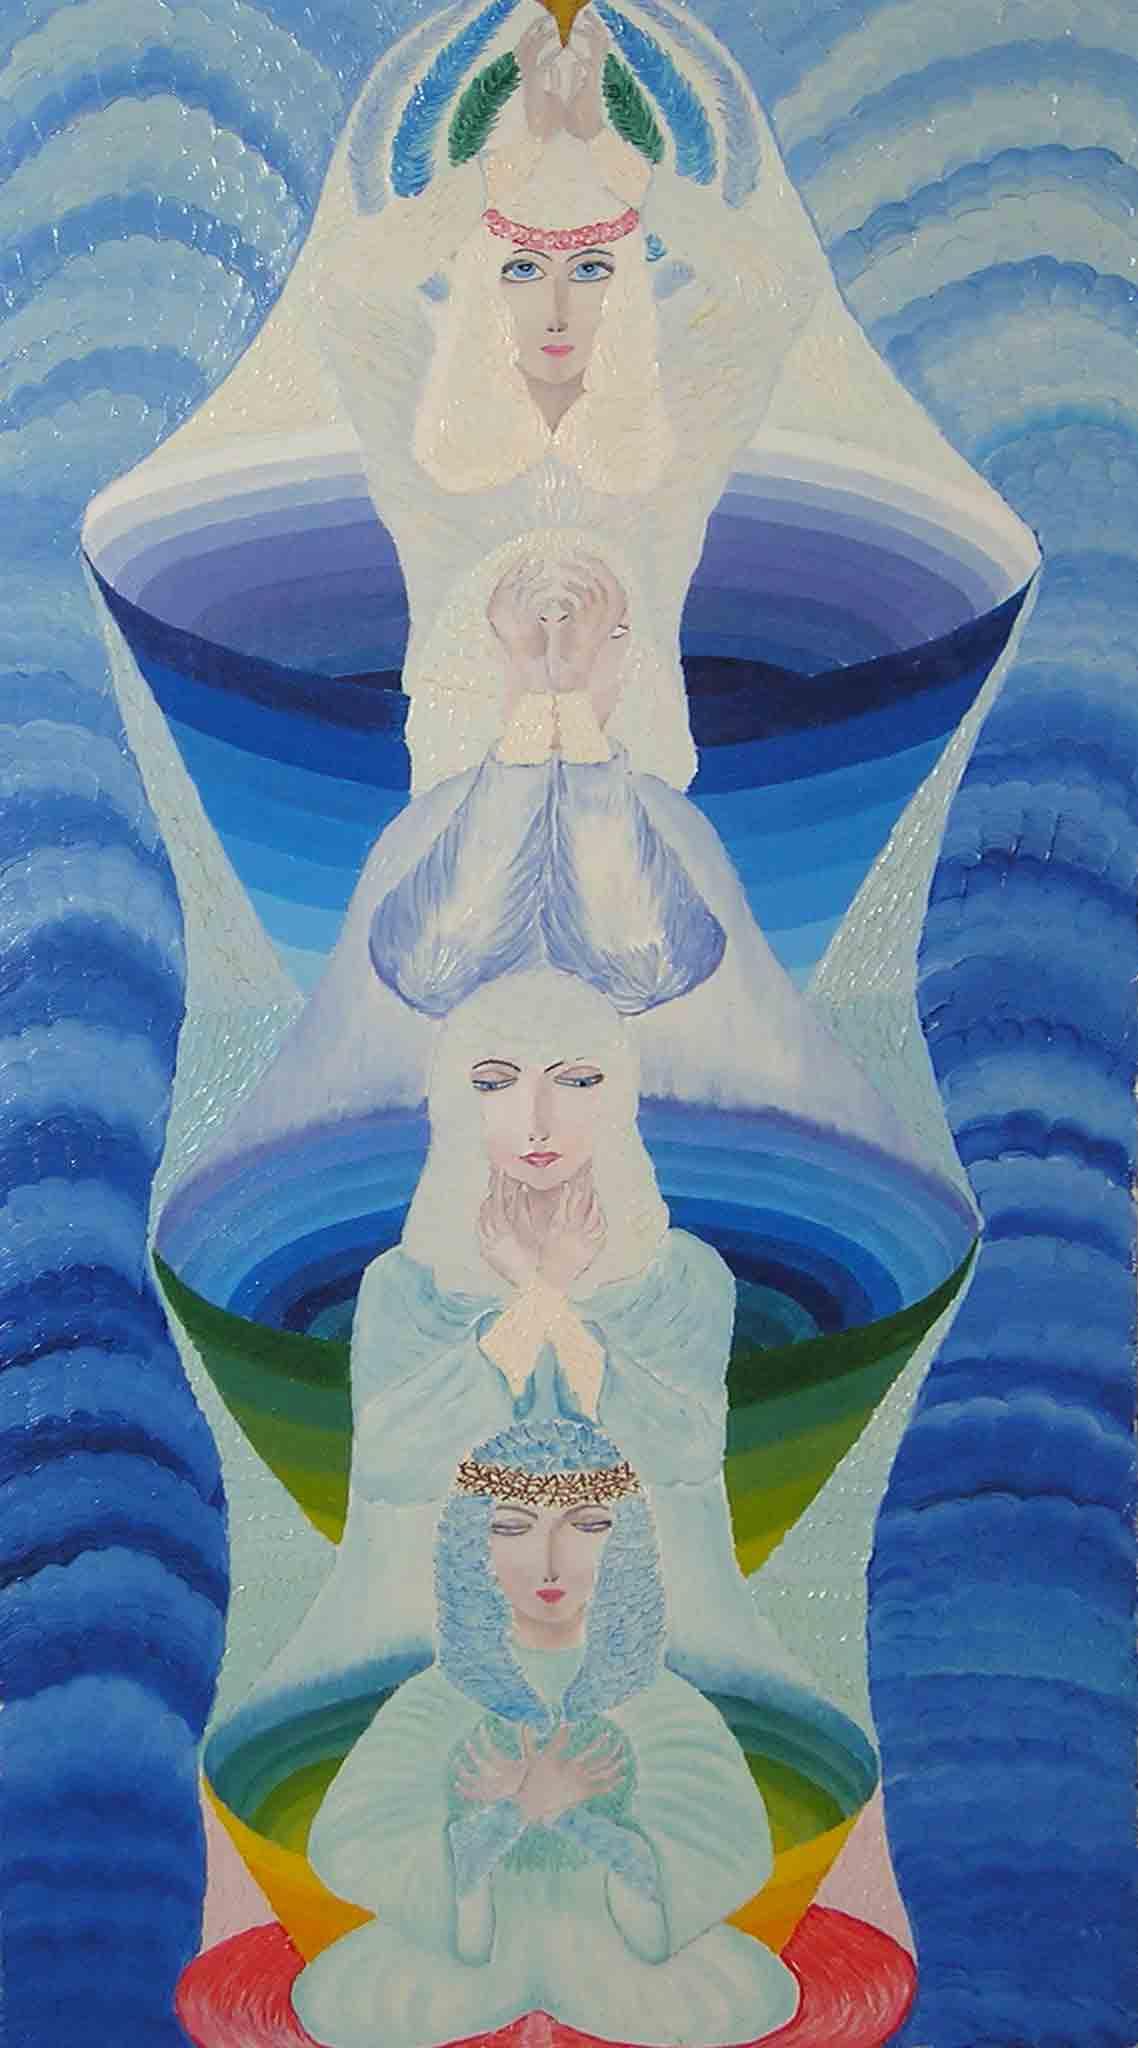 эзотерическая живопись, картины, Небесная Нить, Пальковская-Чабанюк,Через Лотос Рук